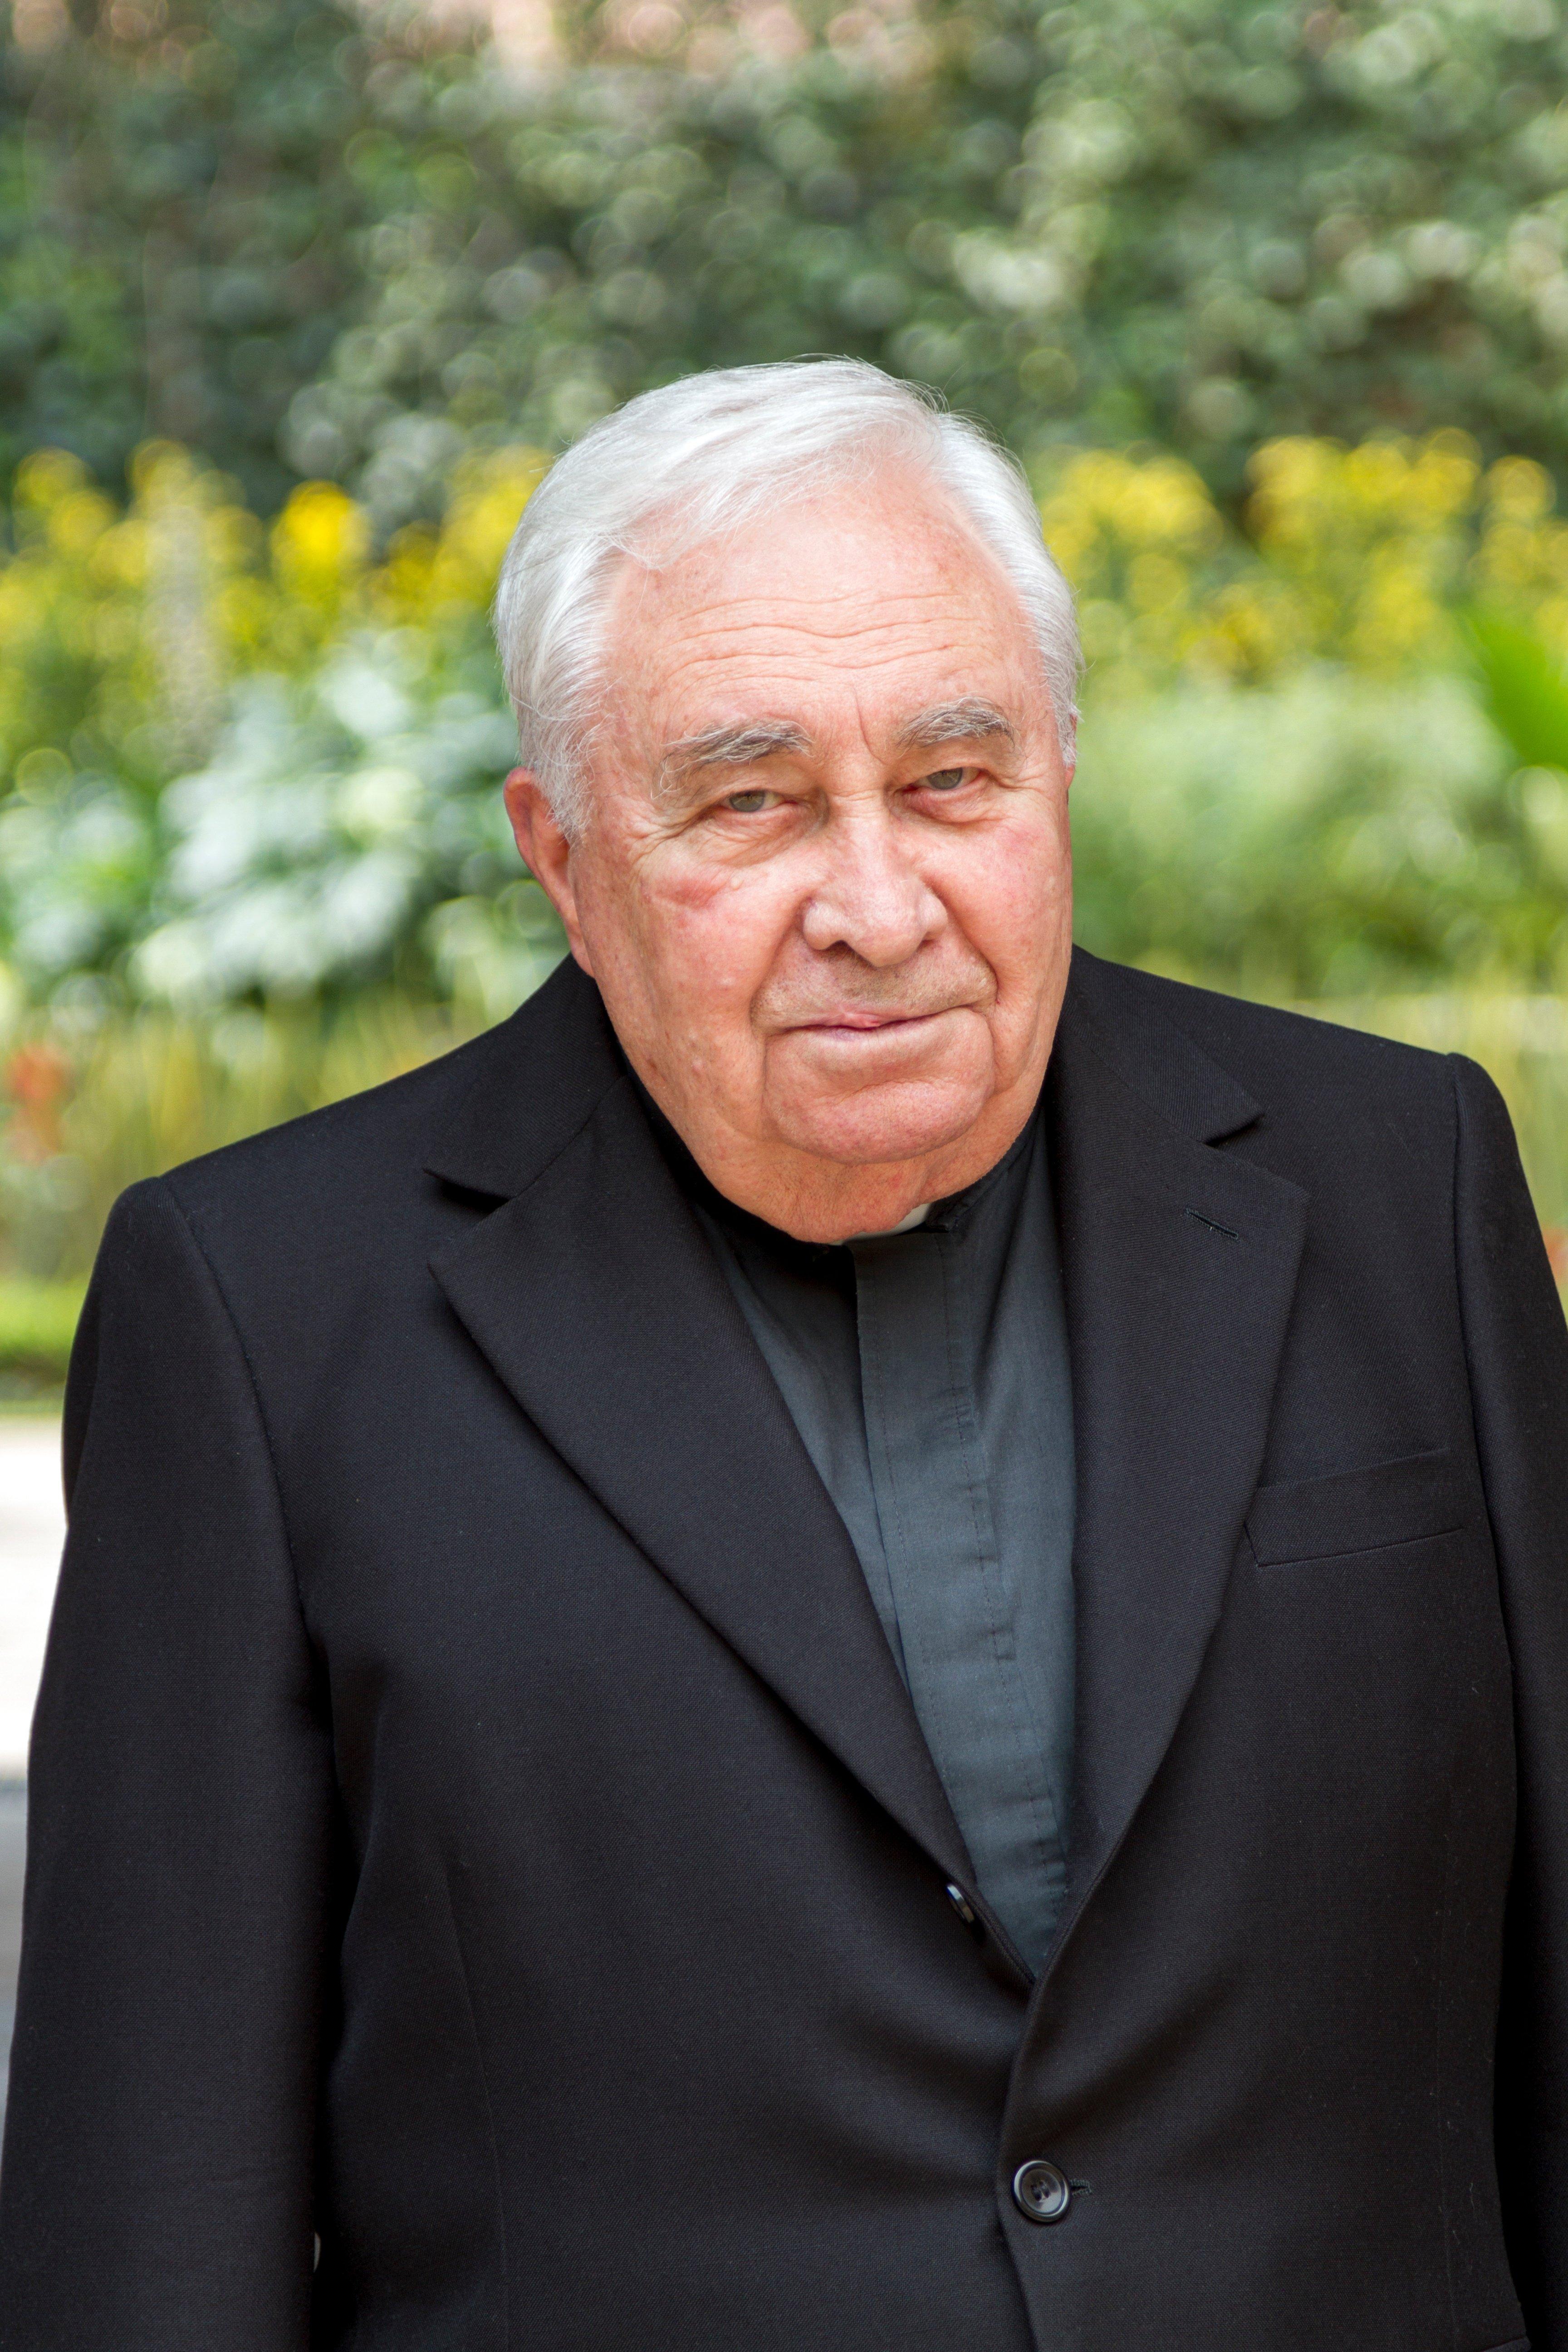 Bernardo Fernández Ardavín